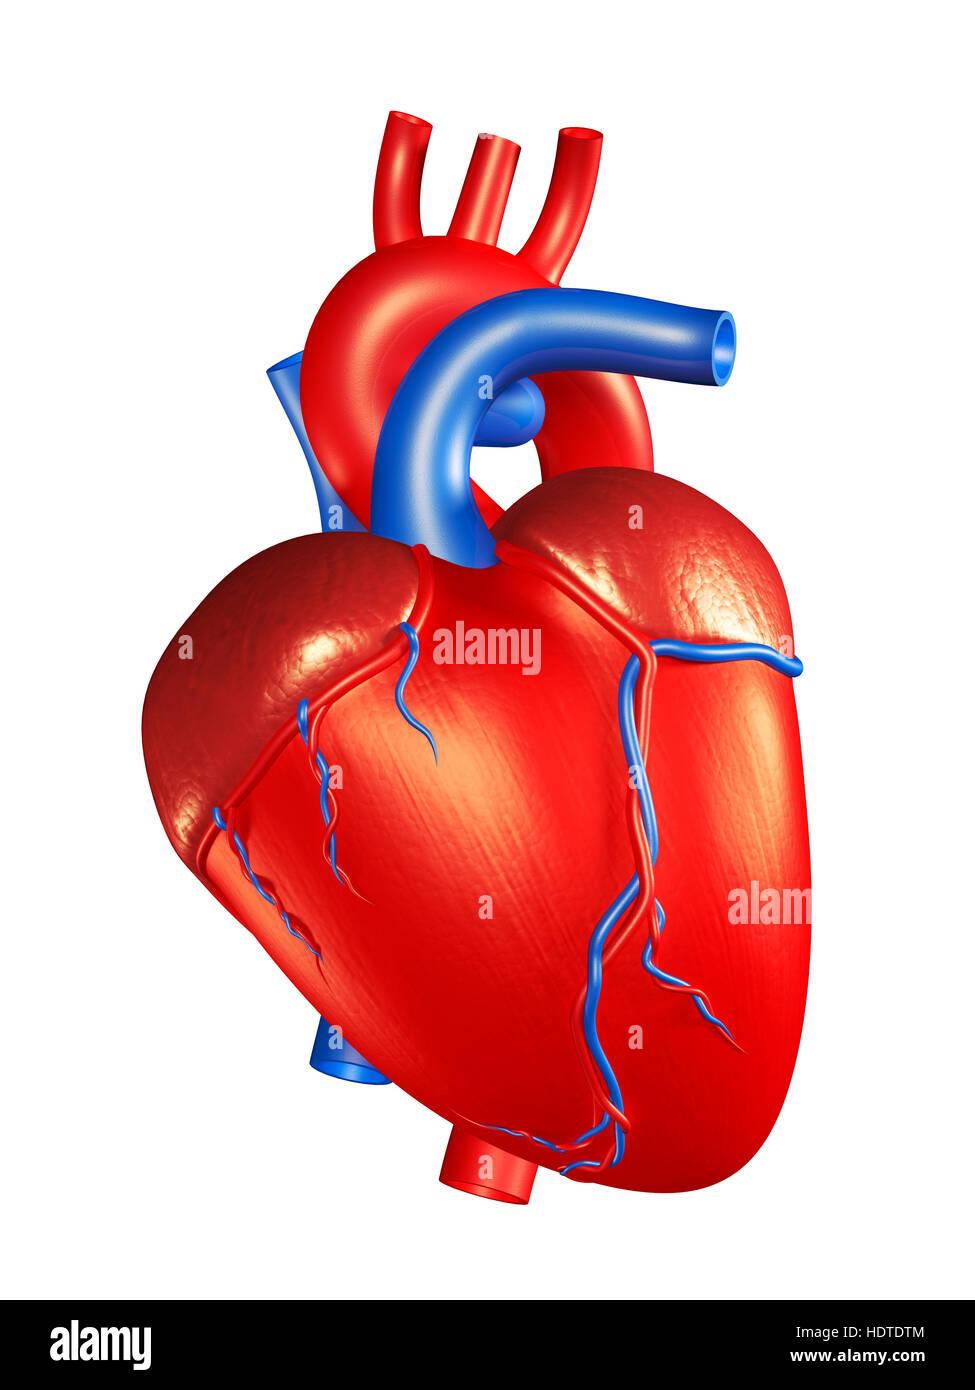 Corazón humano, ilustración 3D Foto & Imagen De Stock: 129000836 - Alamy